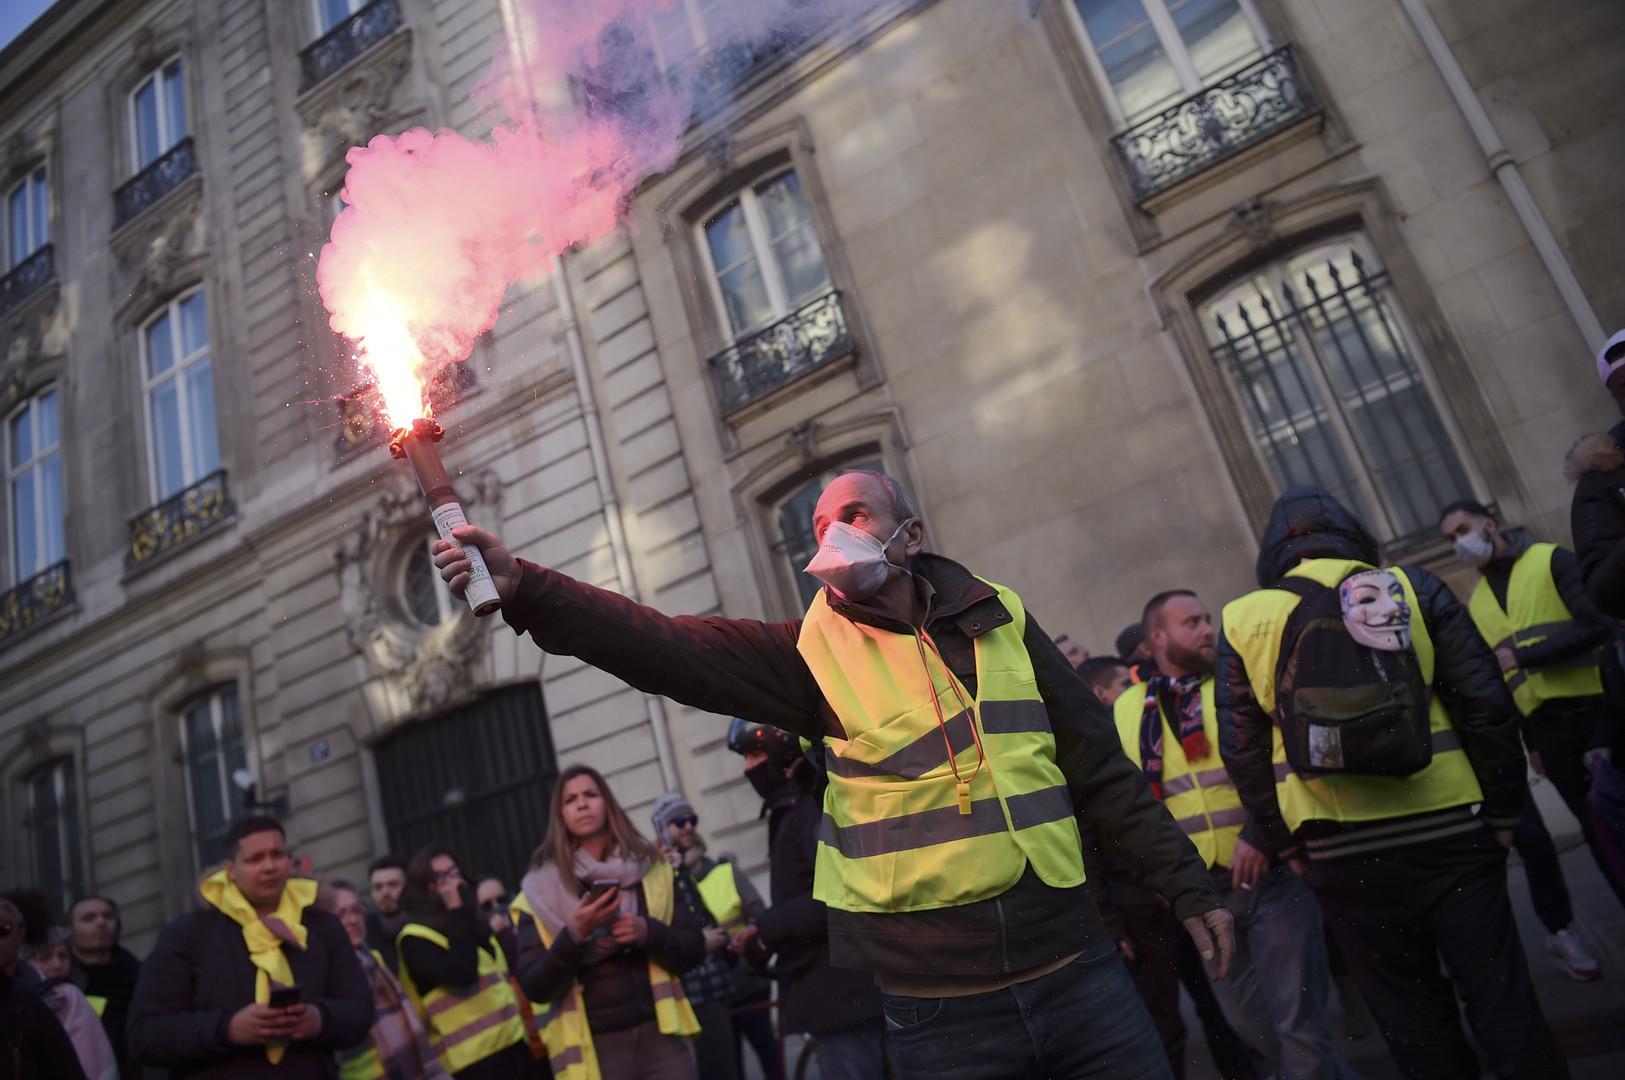 Gilet gialli, scontri in piazza a Parigi: black bloc contro la polizia